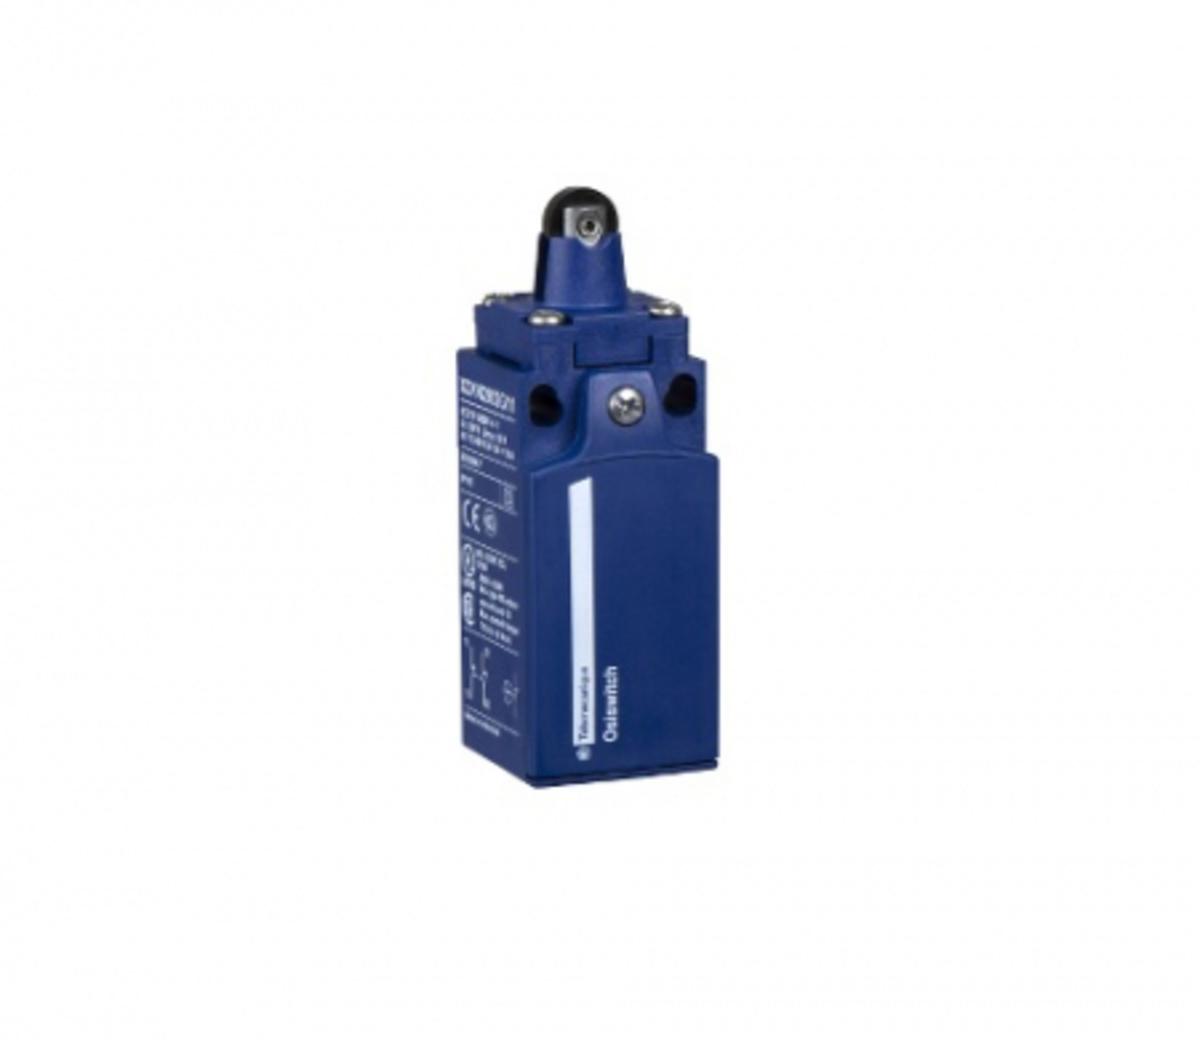 Eletriza - Eletriza Materiais Elétricos, Hidráulicos e Automação Industrial - FIM DE CURSO PLASTICO NA+NF PISTAO XCKN2102G11 TELEMECANIQUE